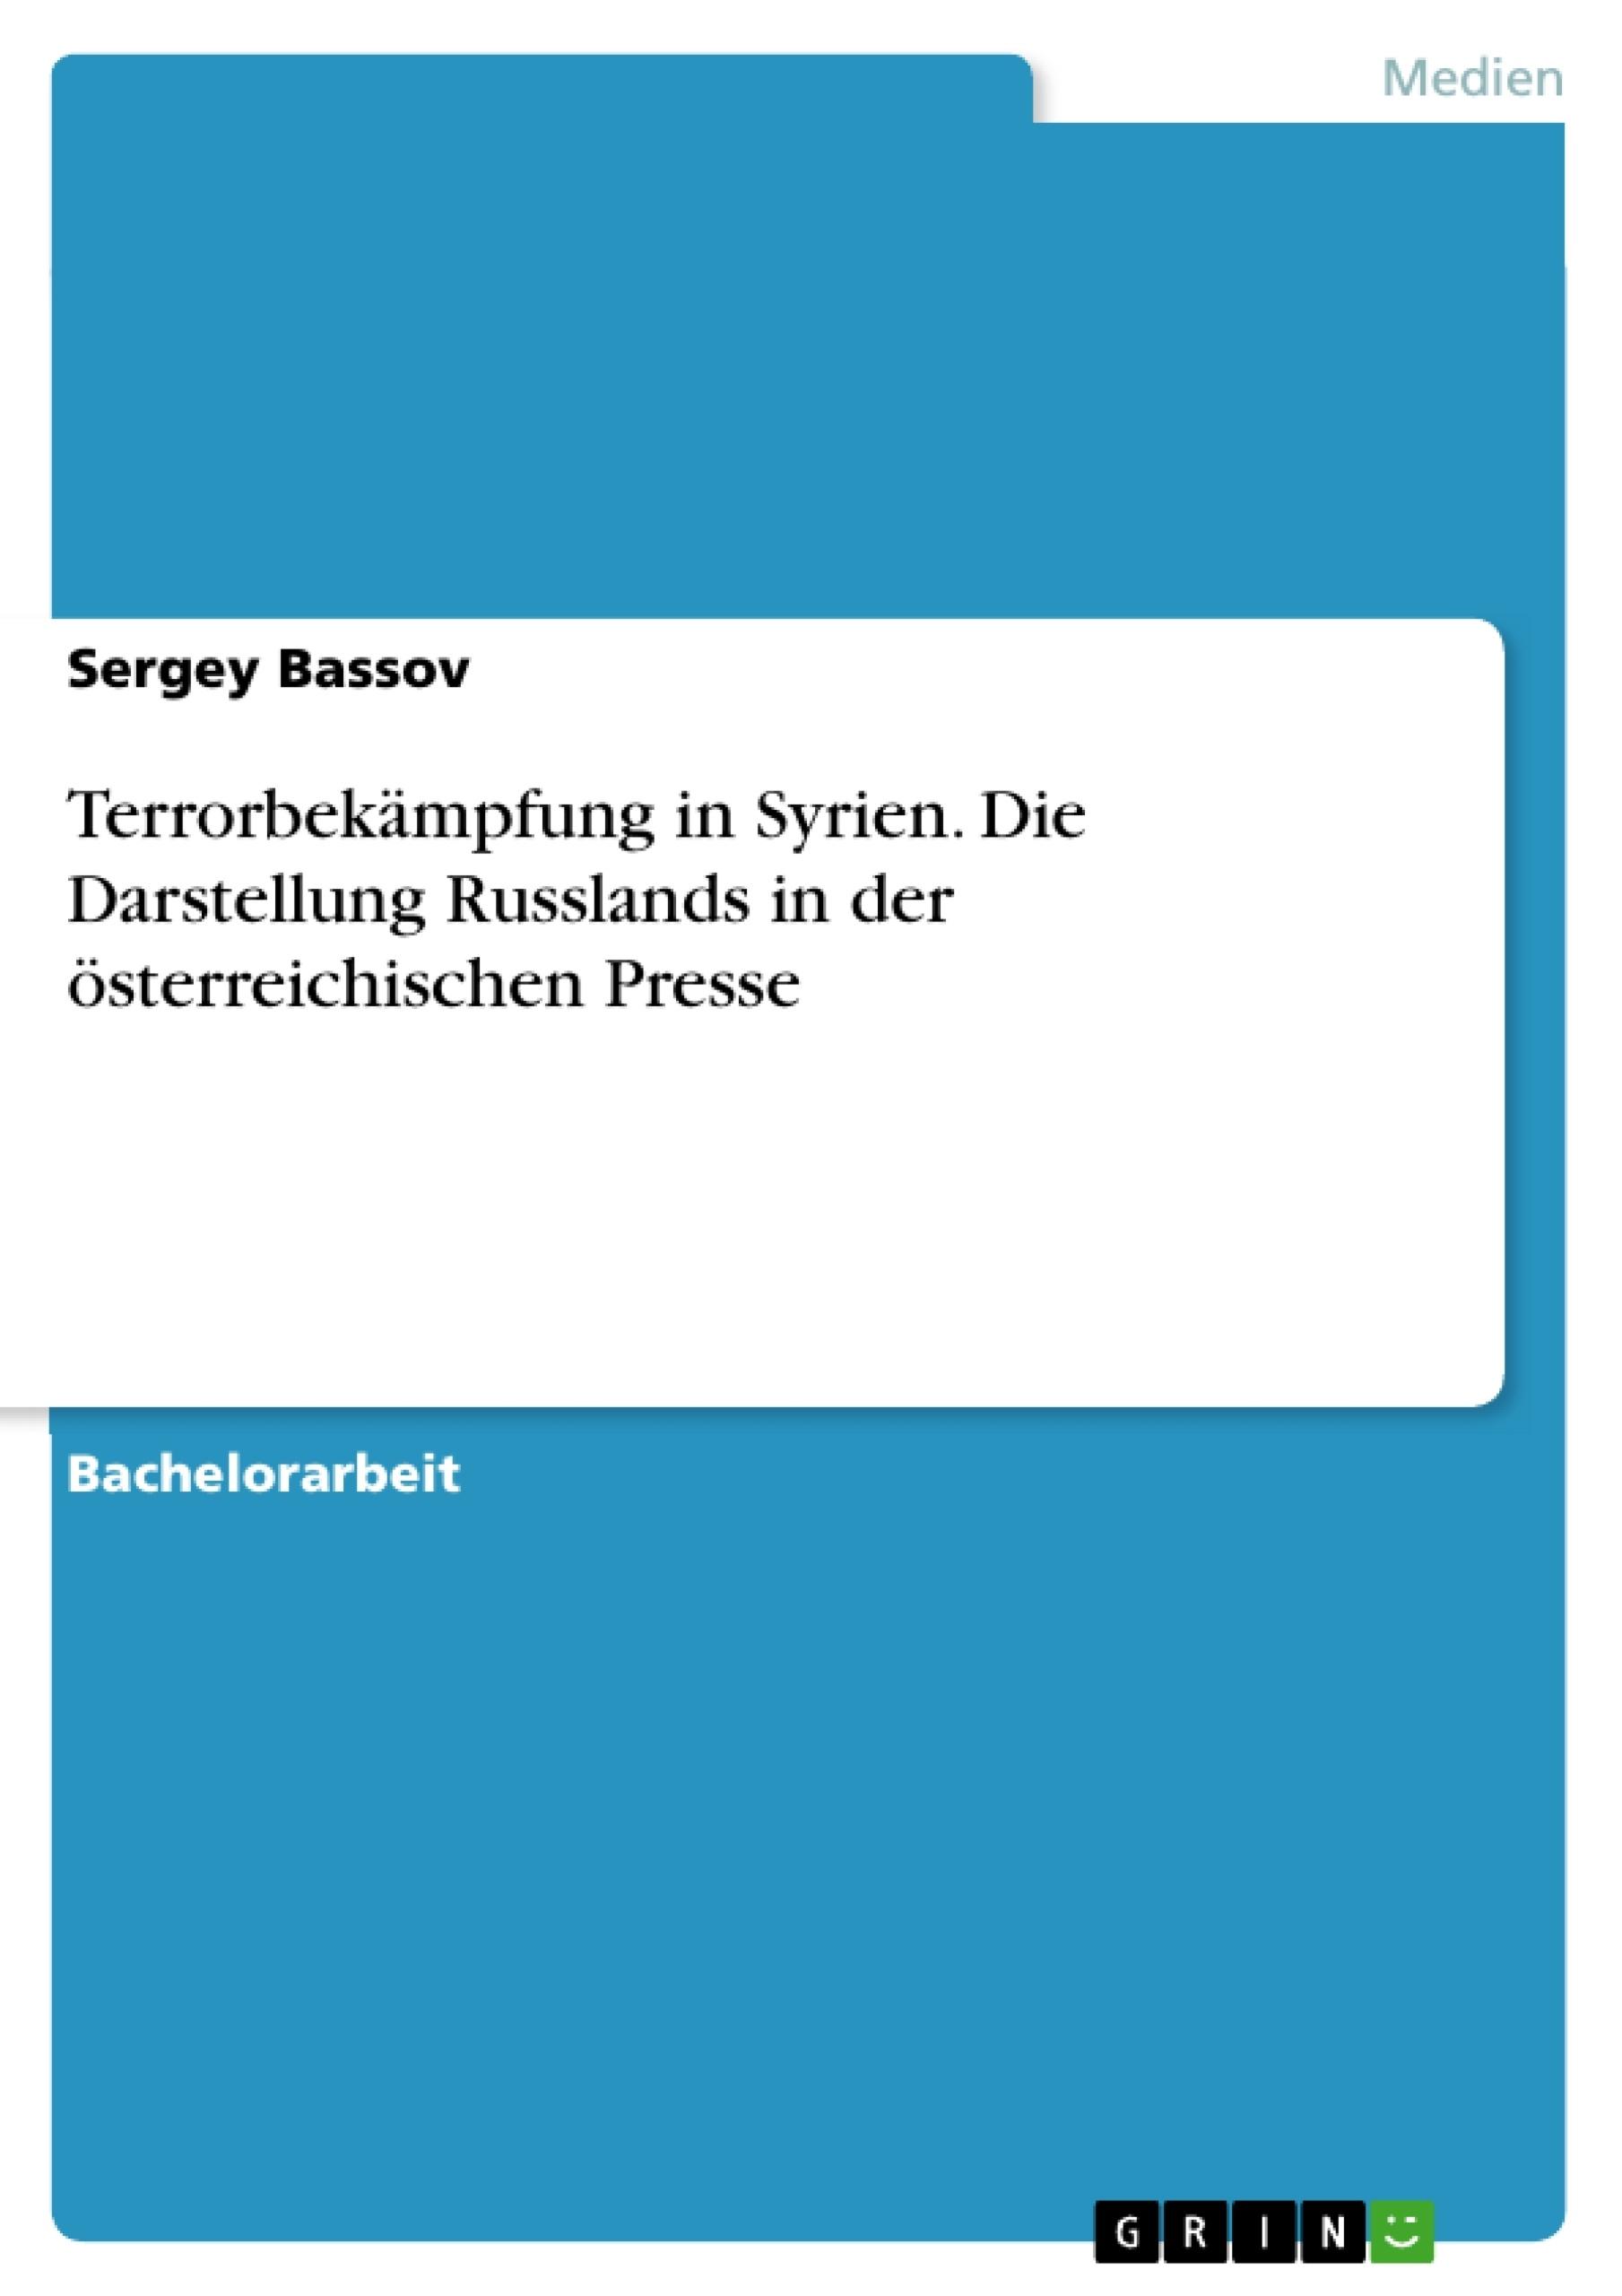 Titel: Terrorbekämpfung in Syrien. Die Darstellung Russlands in der österreichischen Presse